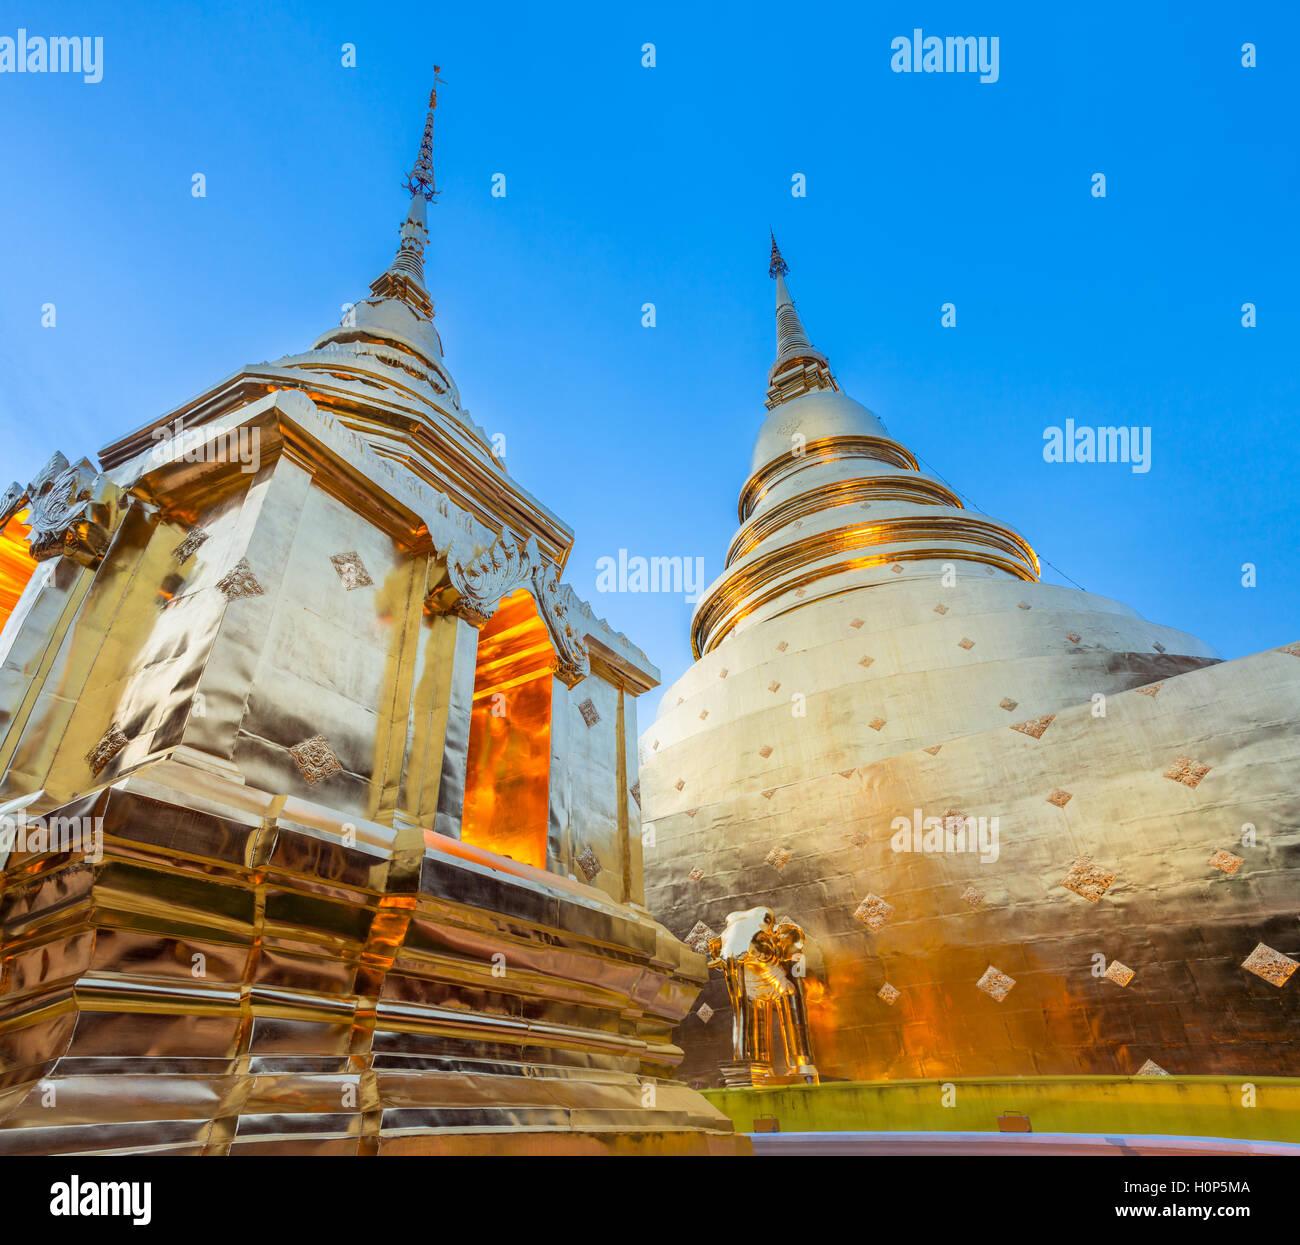 Abenddämmerung Blick auf das goldene Chedi des Wat Phra Singh Tempel, der am meisten verehrten Tempel in Chiang Mai, Thailand (Stupa). Stockfoto